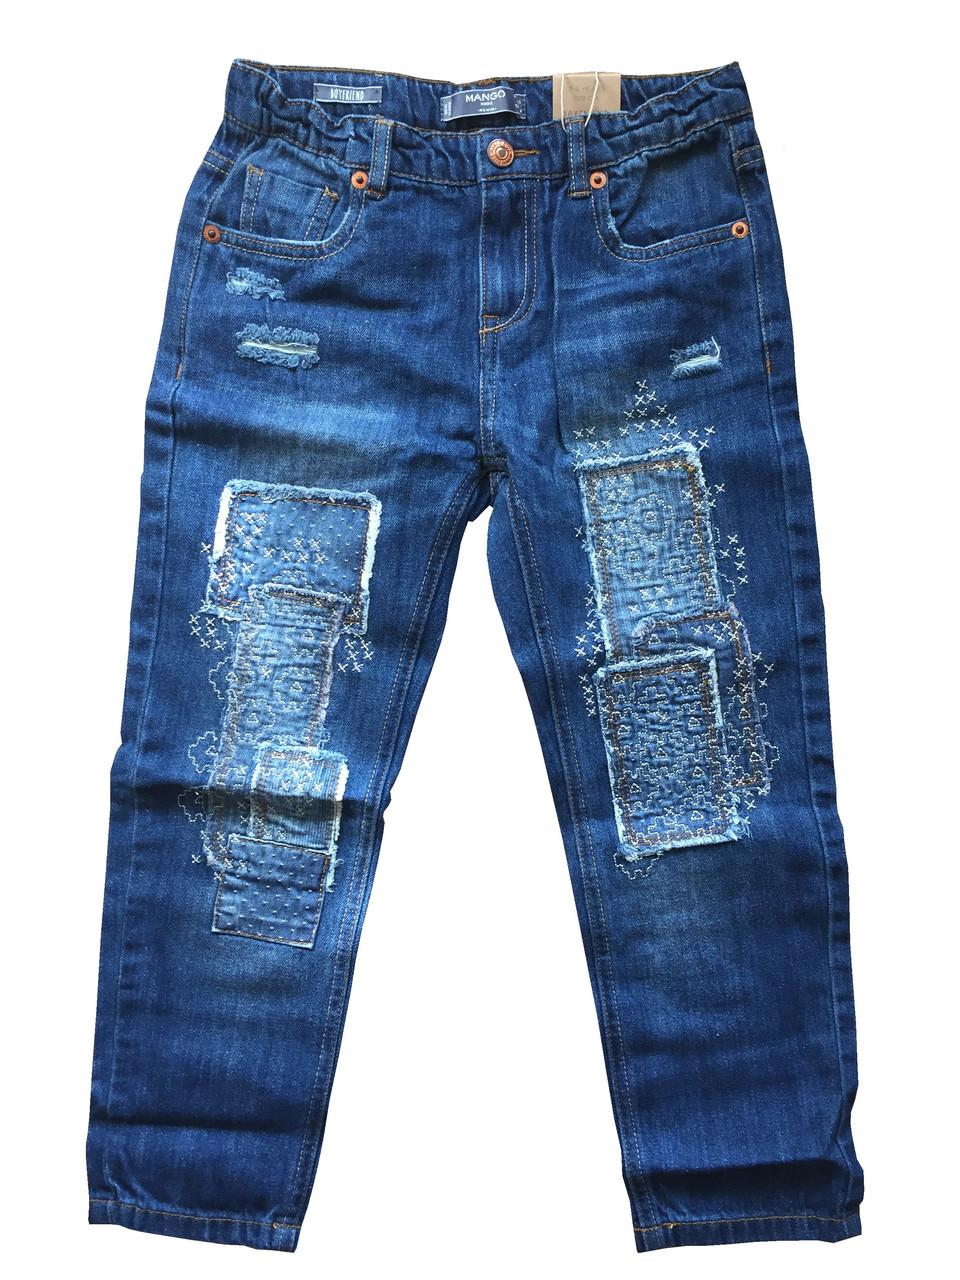 af60746f Стильные джинсы с латками на девочку от Mango Испания Размер 128 - Интернет- магазин